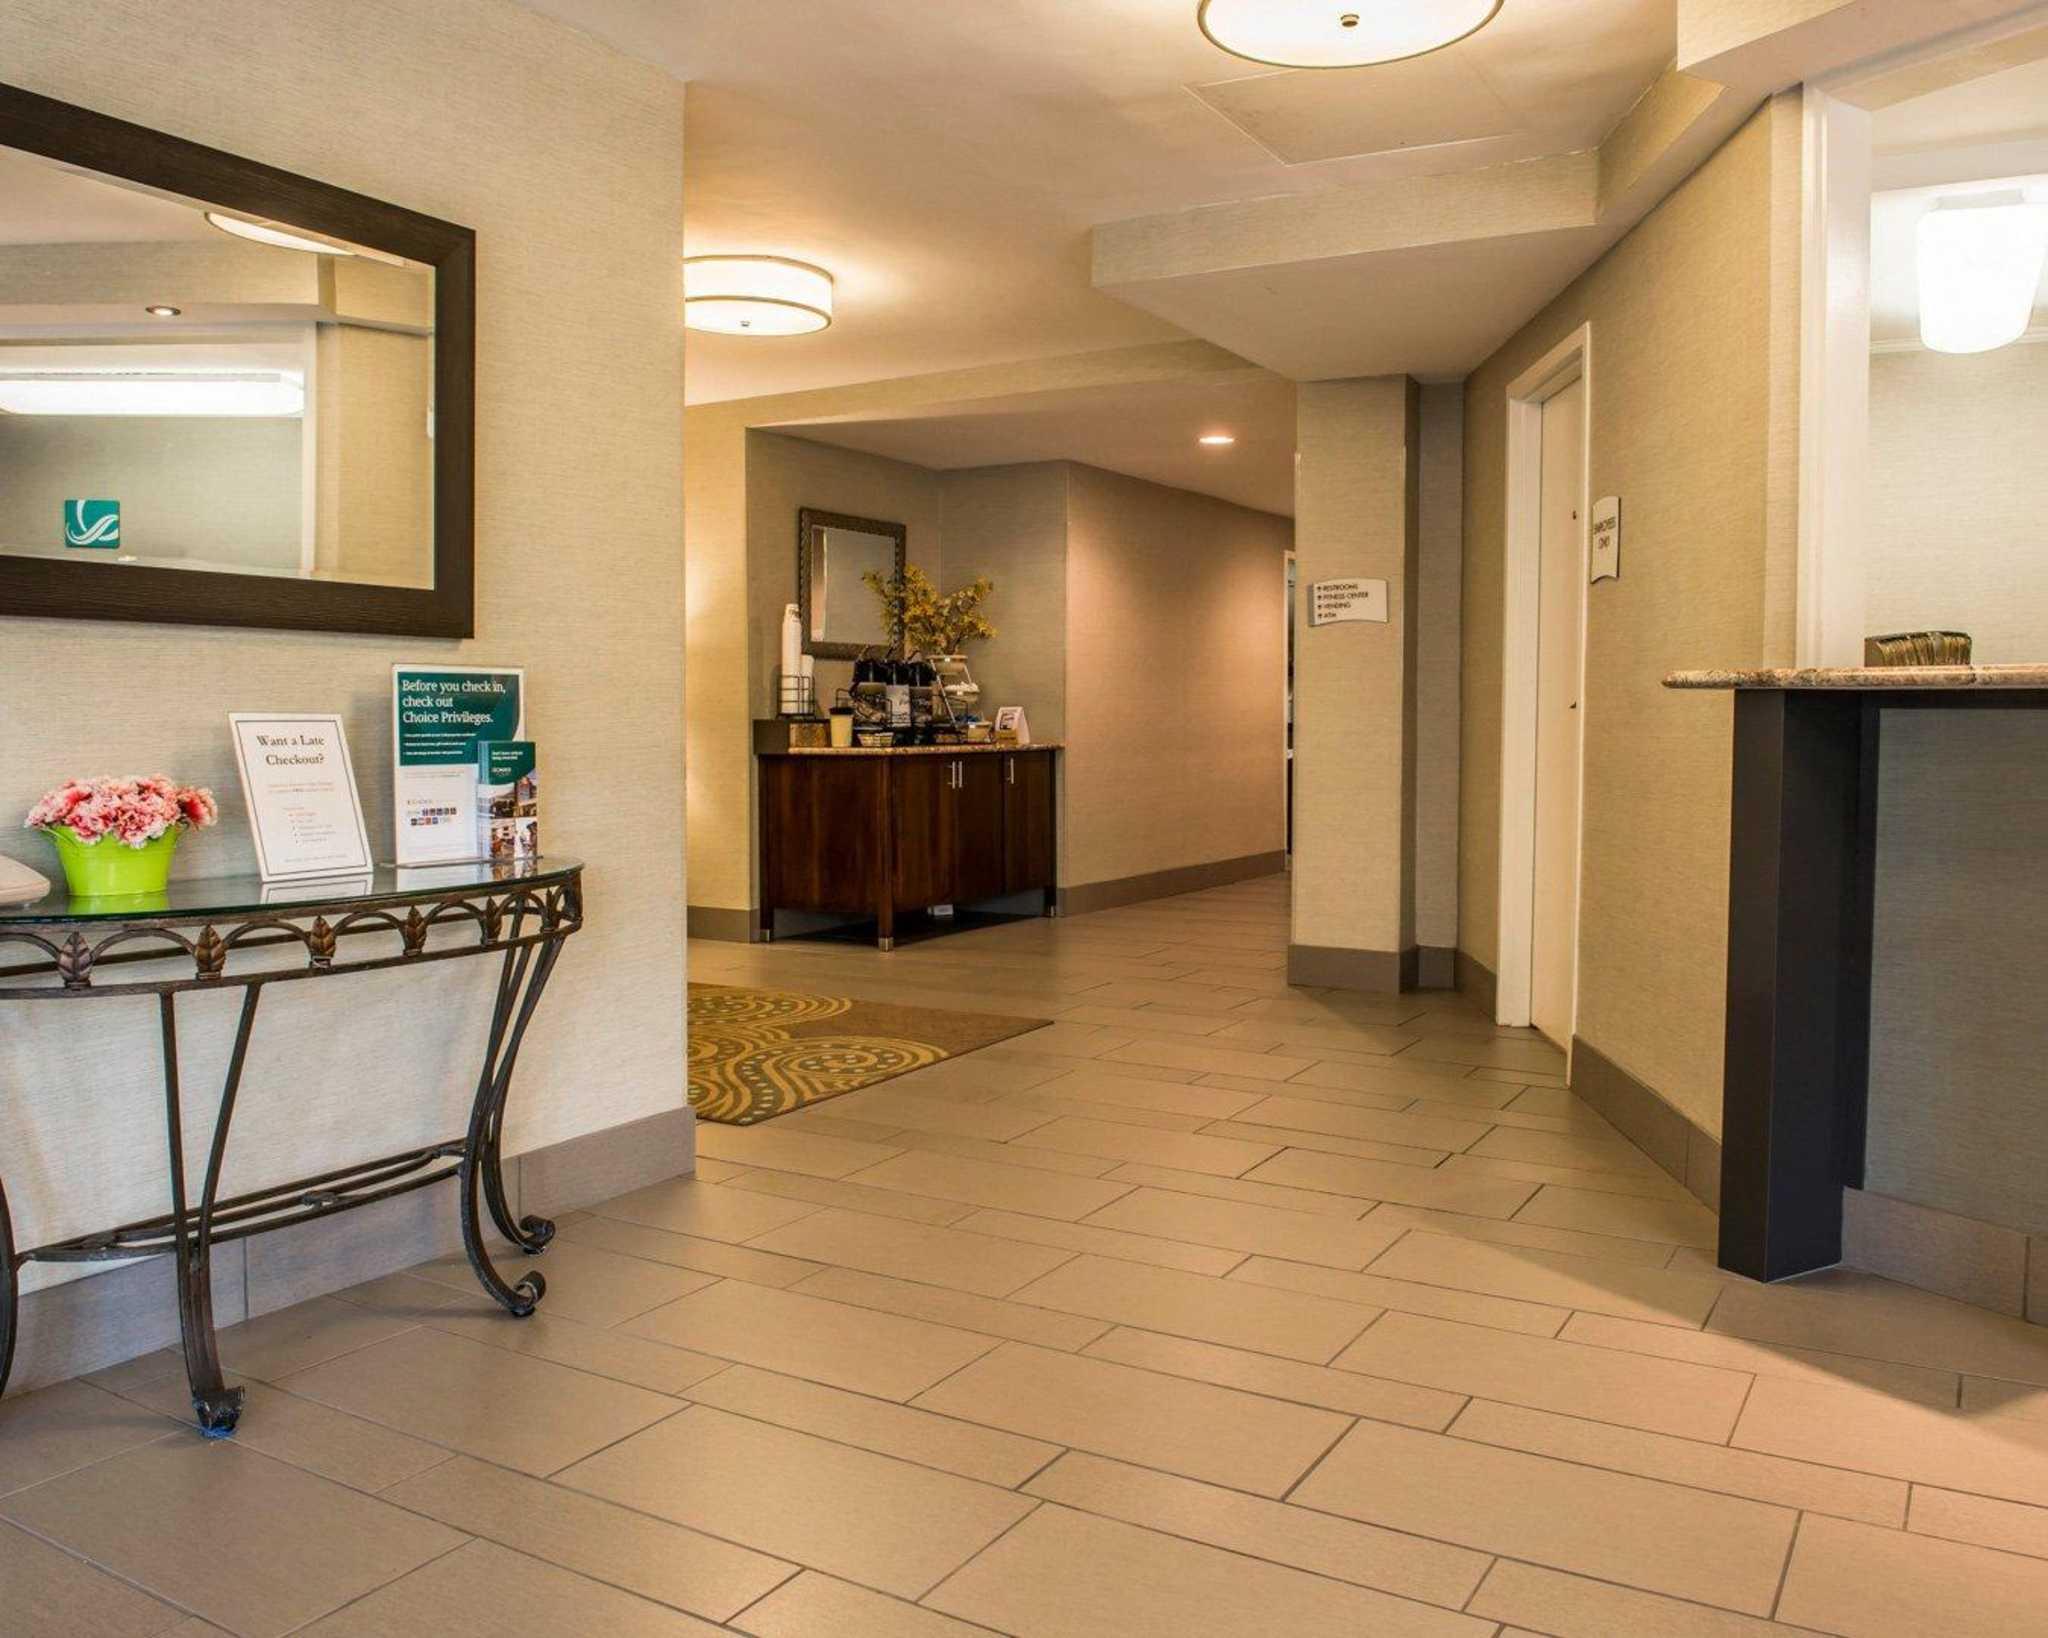 Quality Inn University Center image 7